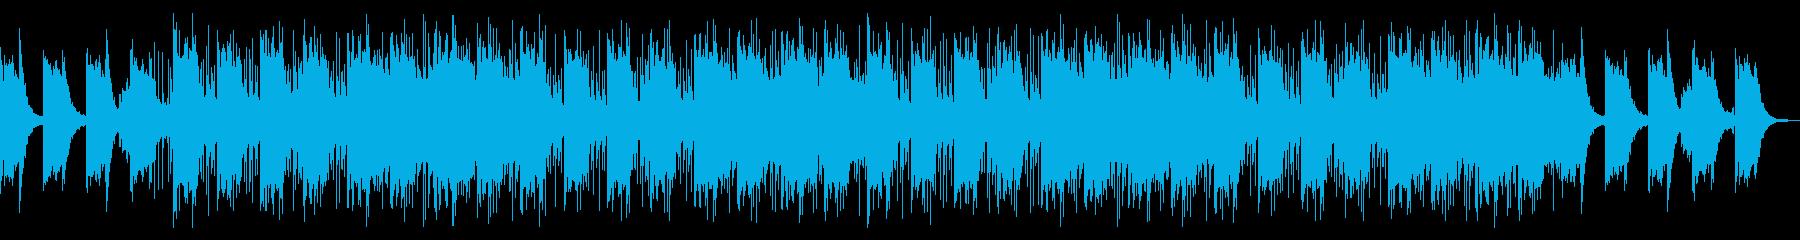 CM・VP・エンディング向き・クリーンの再生済みの波形